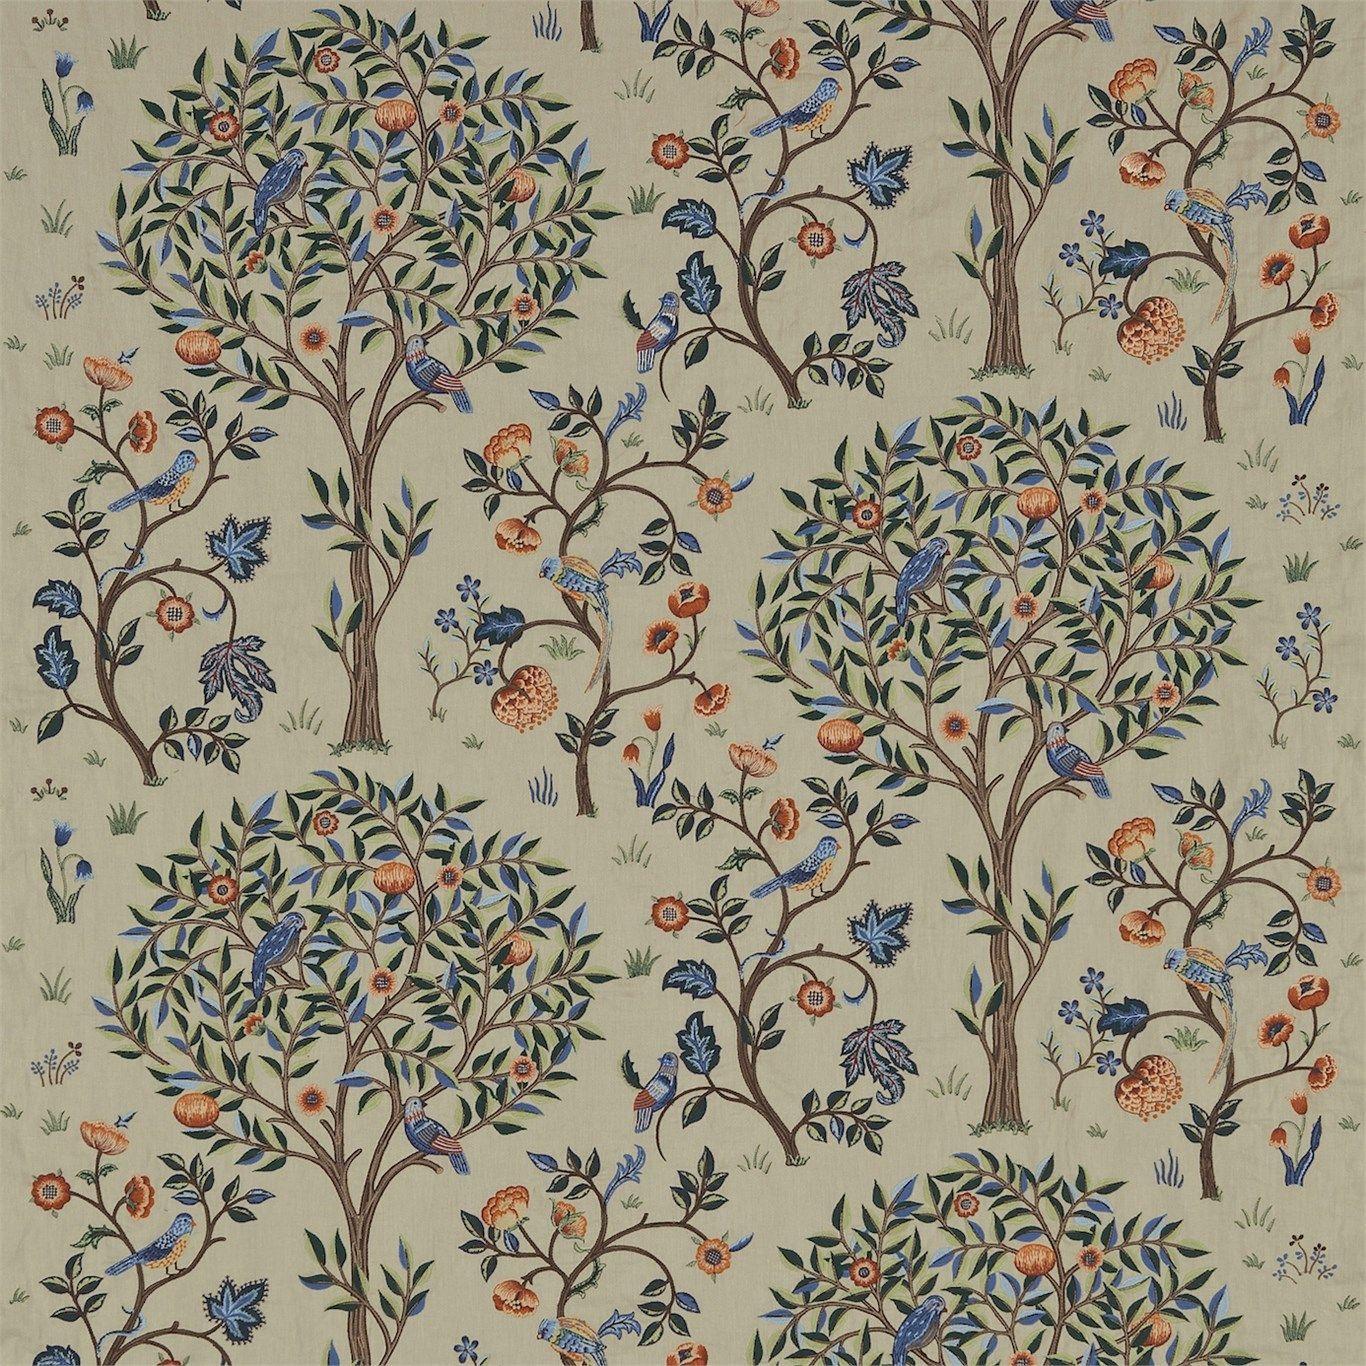 The Original Morris Co Arte E Artigianato Tessuti Disegni Wallpaper Di William Company Prodotti Britannici Uk Sfondi